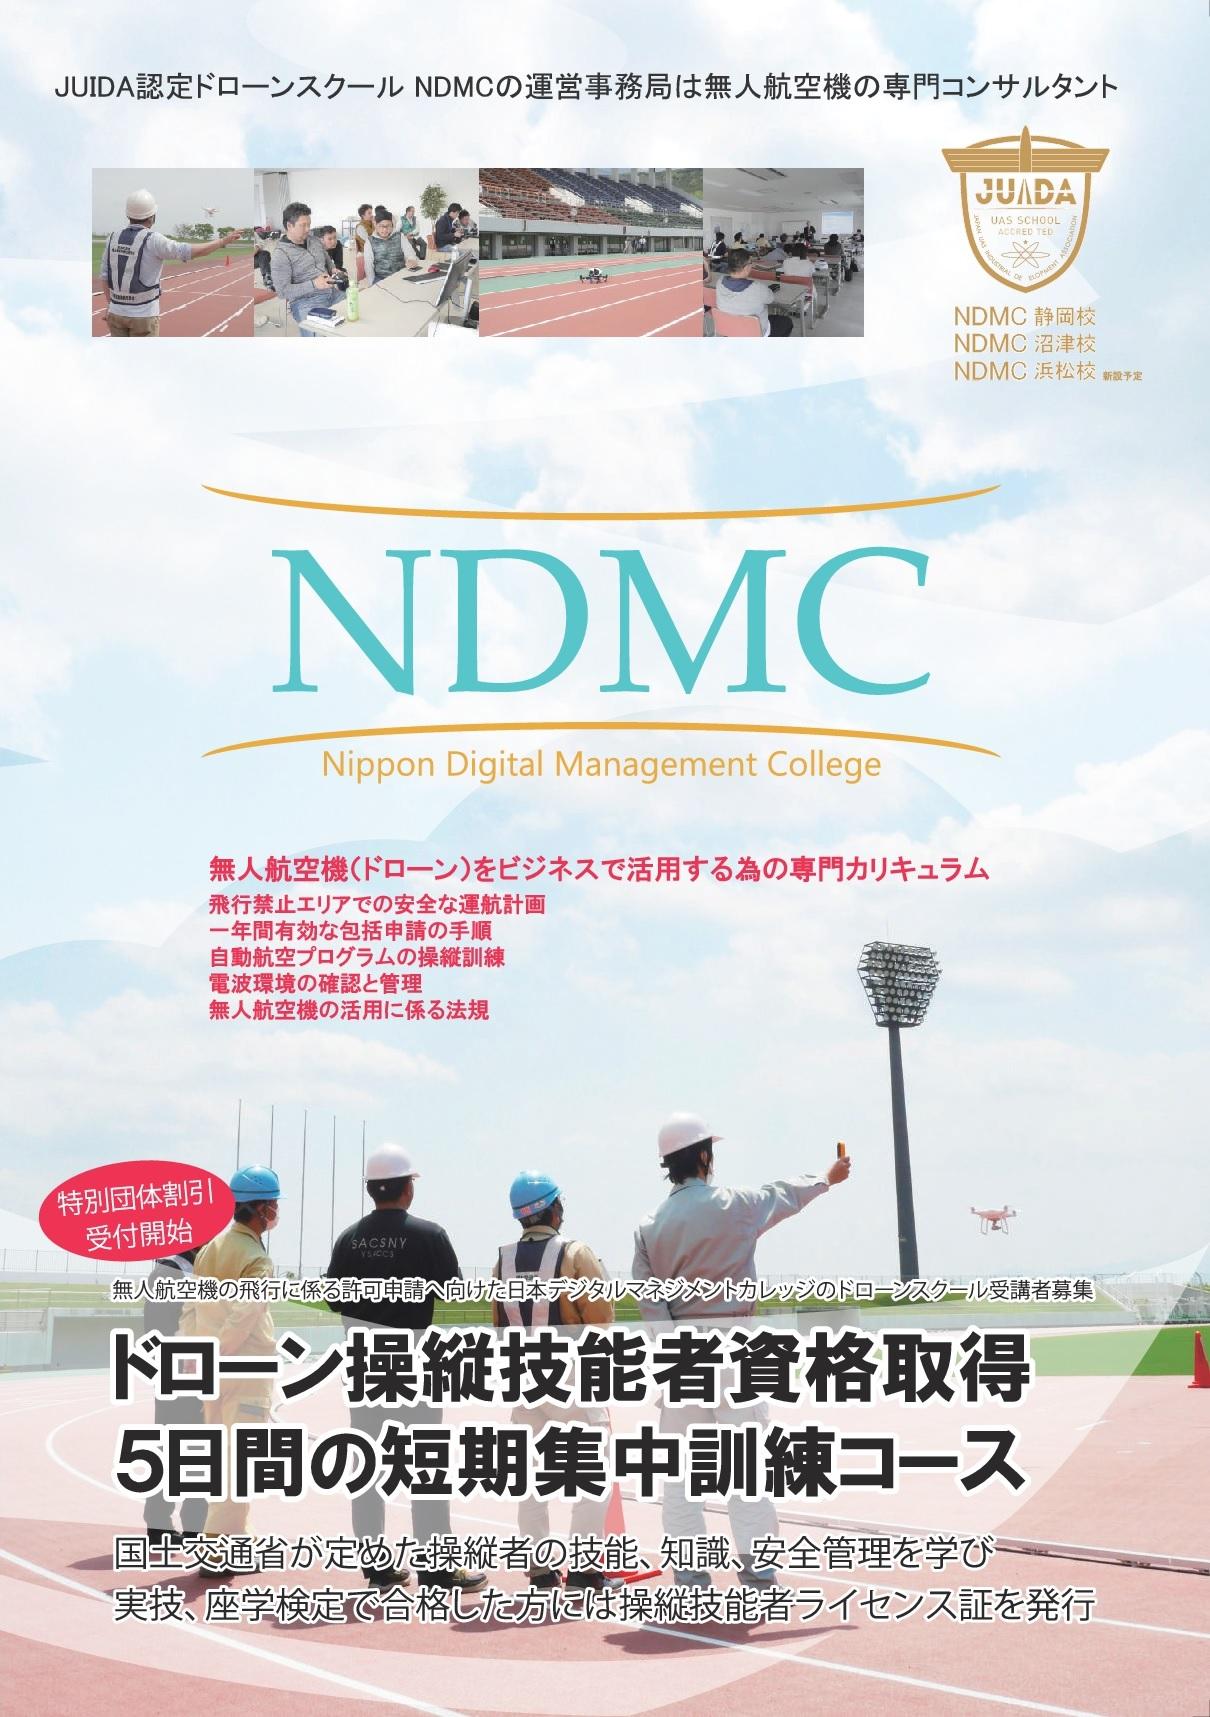 NDMC-S-A1